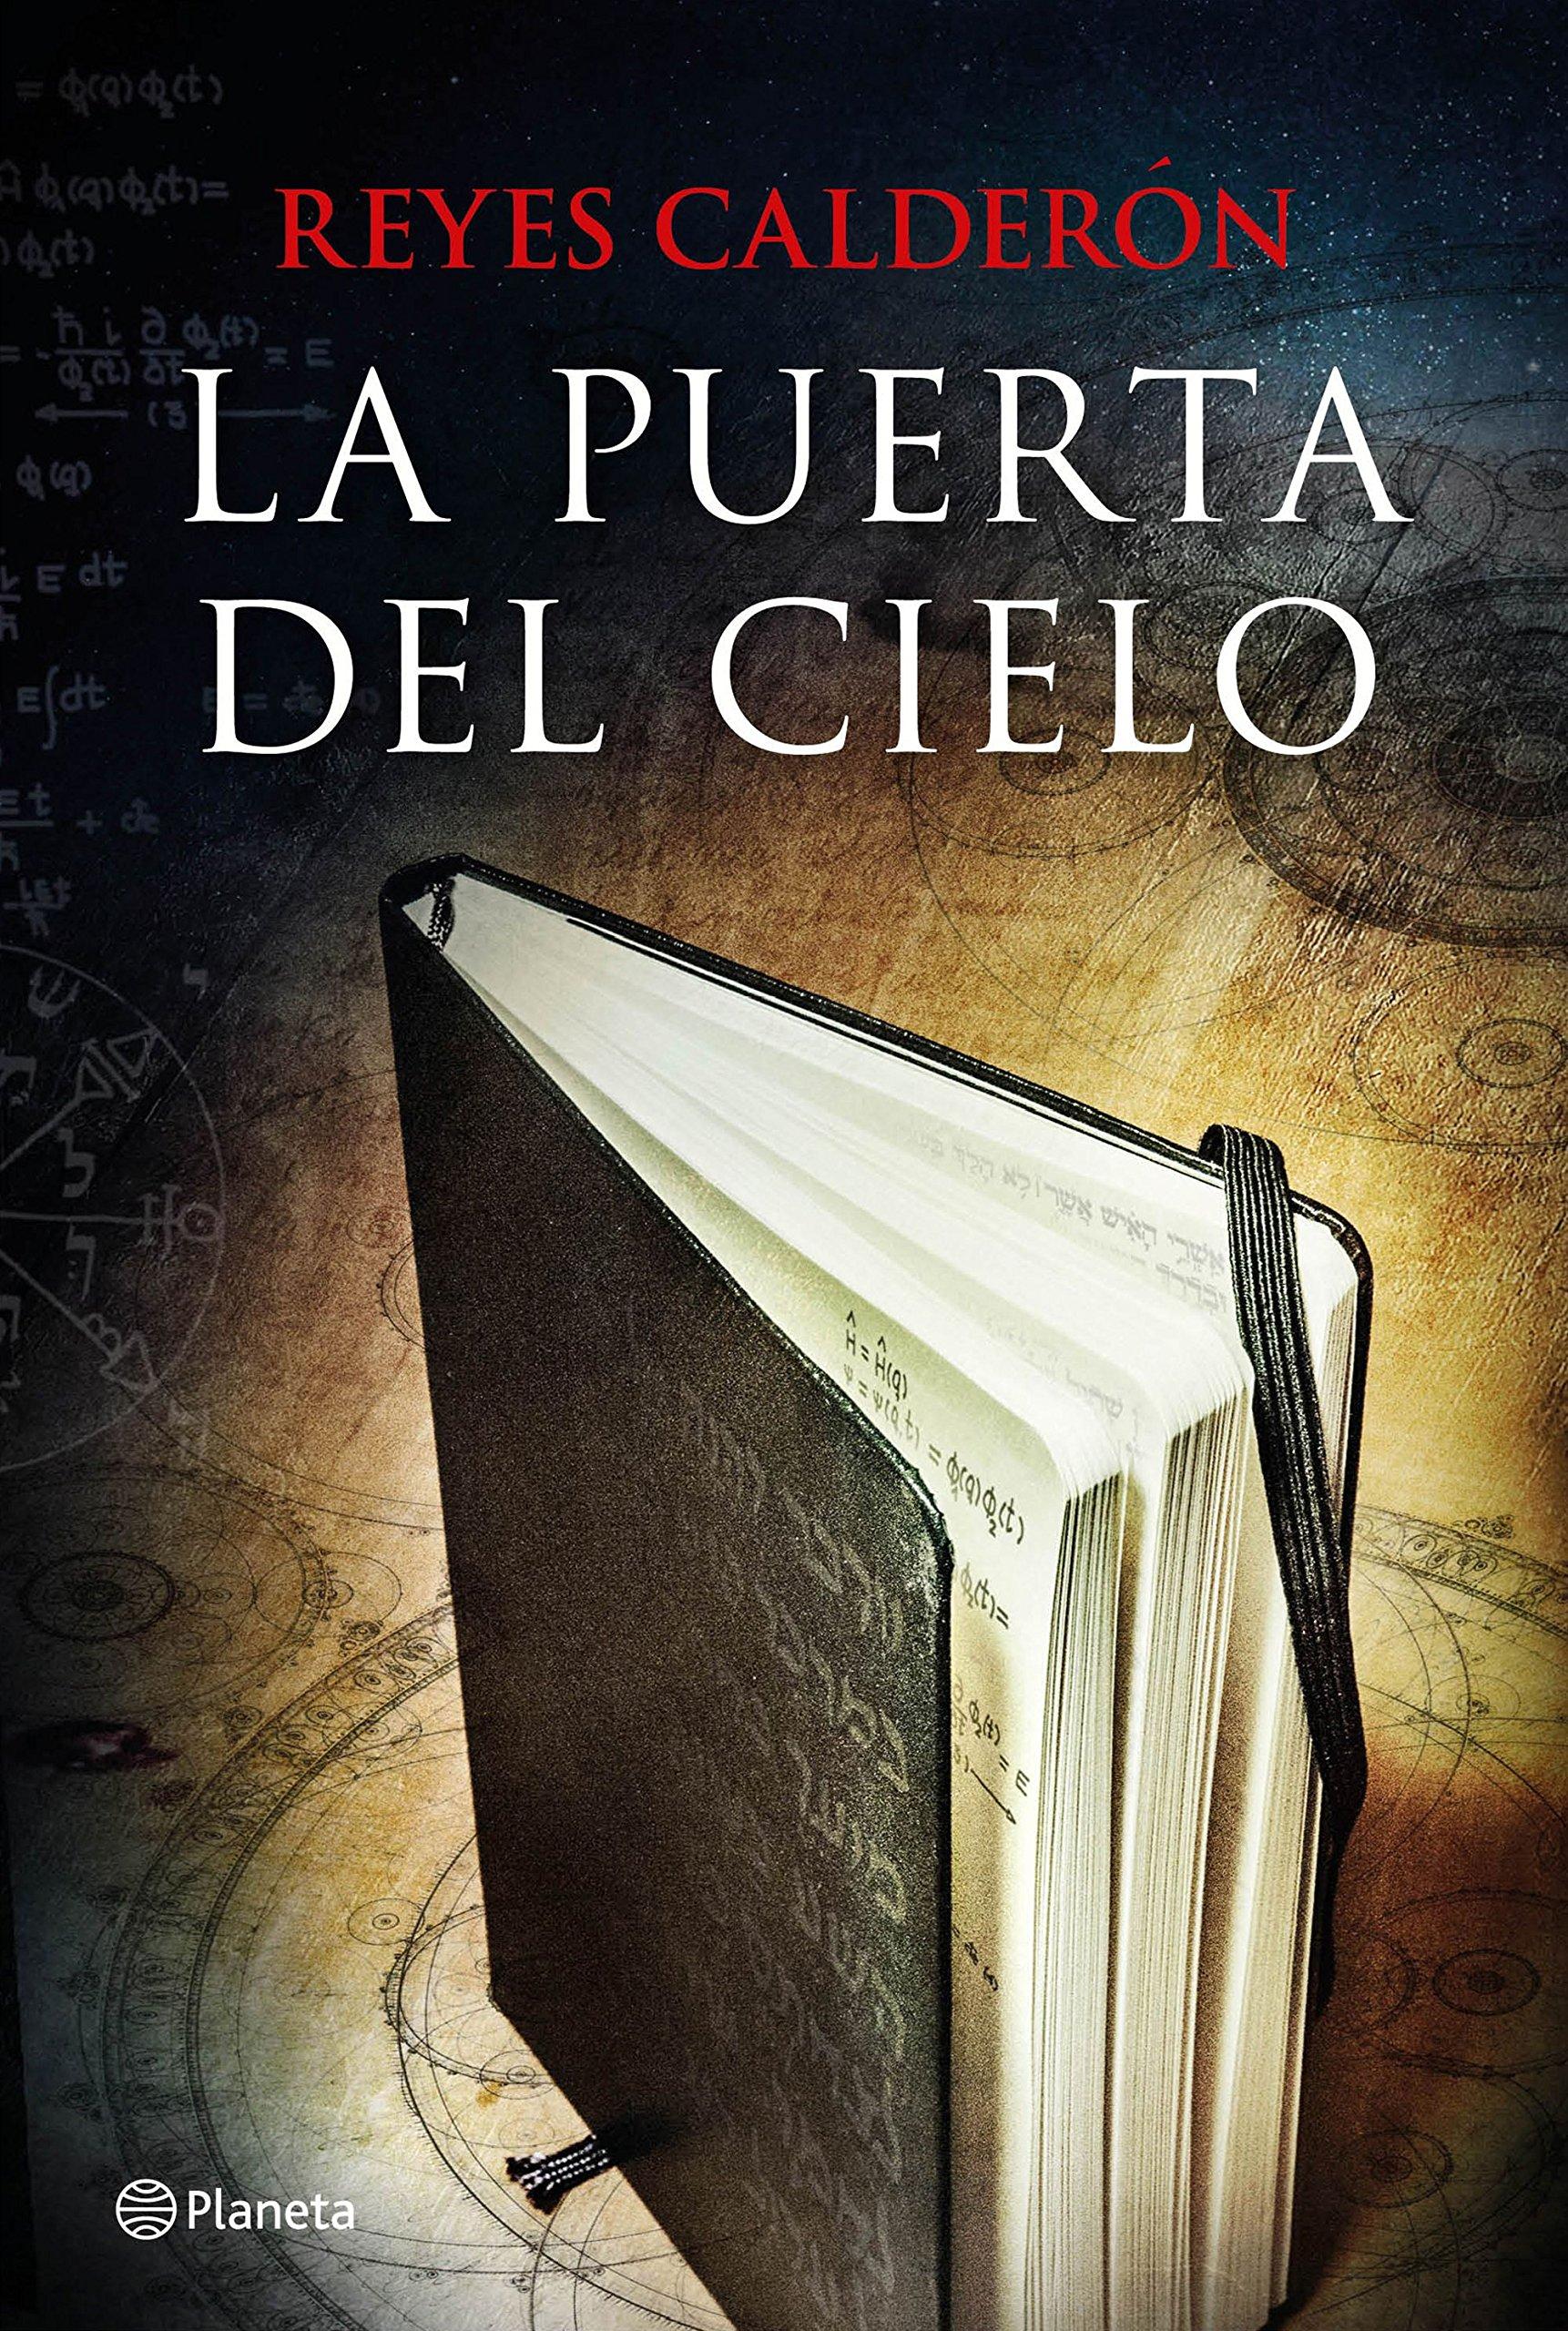 La puerta del cielo Autores Españoles e Iberoamericanos: Amazon.es: Reyes Calderón: Libros